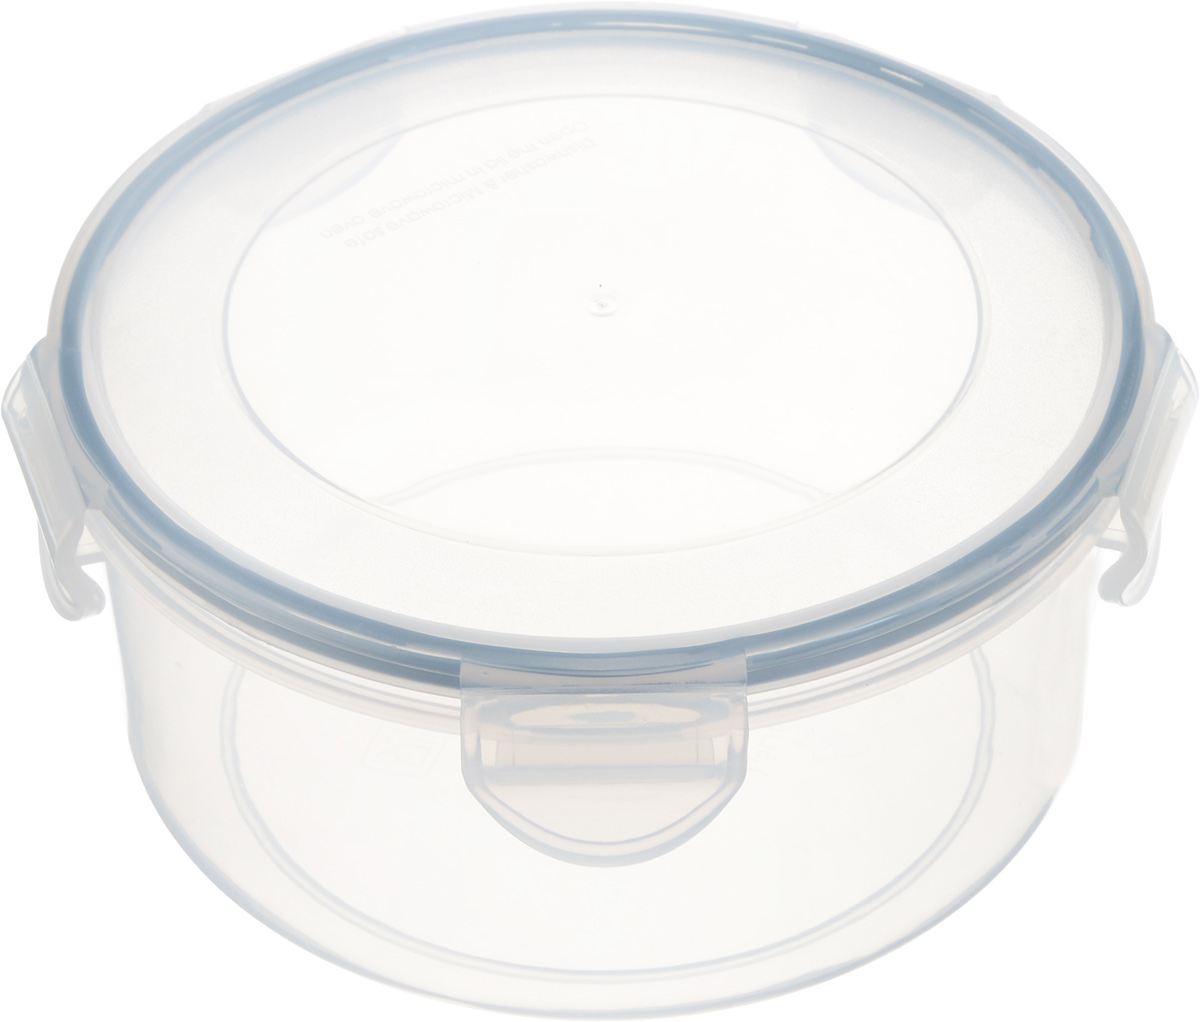 Контейнер Tescoma Freshbox, круглый, 1,5лVT-1520(SR)Круглый контейнер Tescoma Freshbox изготовлен из высококачественного пластика. Изделие идеально подходит не только для хранения, но и для транспортировки пищи. Контейнер имеет крышку, которая плотно закрывается на 5 защелок и оснащена специальной силиконовой прослойкой. Изделие подходит для домашнего использования, для пикников, поездок, отдыха на природе, его можно взять с собой на работу или учебу. Можно использовать в СВЧ-печах, холодильниках и морозильных камерах. Можно мыть в посудомоечной машине.Диаметр контейнера (без учета крышки): 17 см. Высота контейнера (без учета крышки): 8 см.